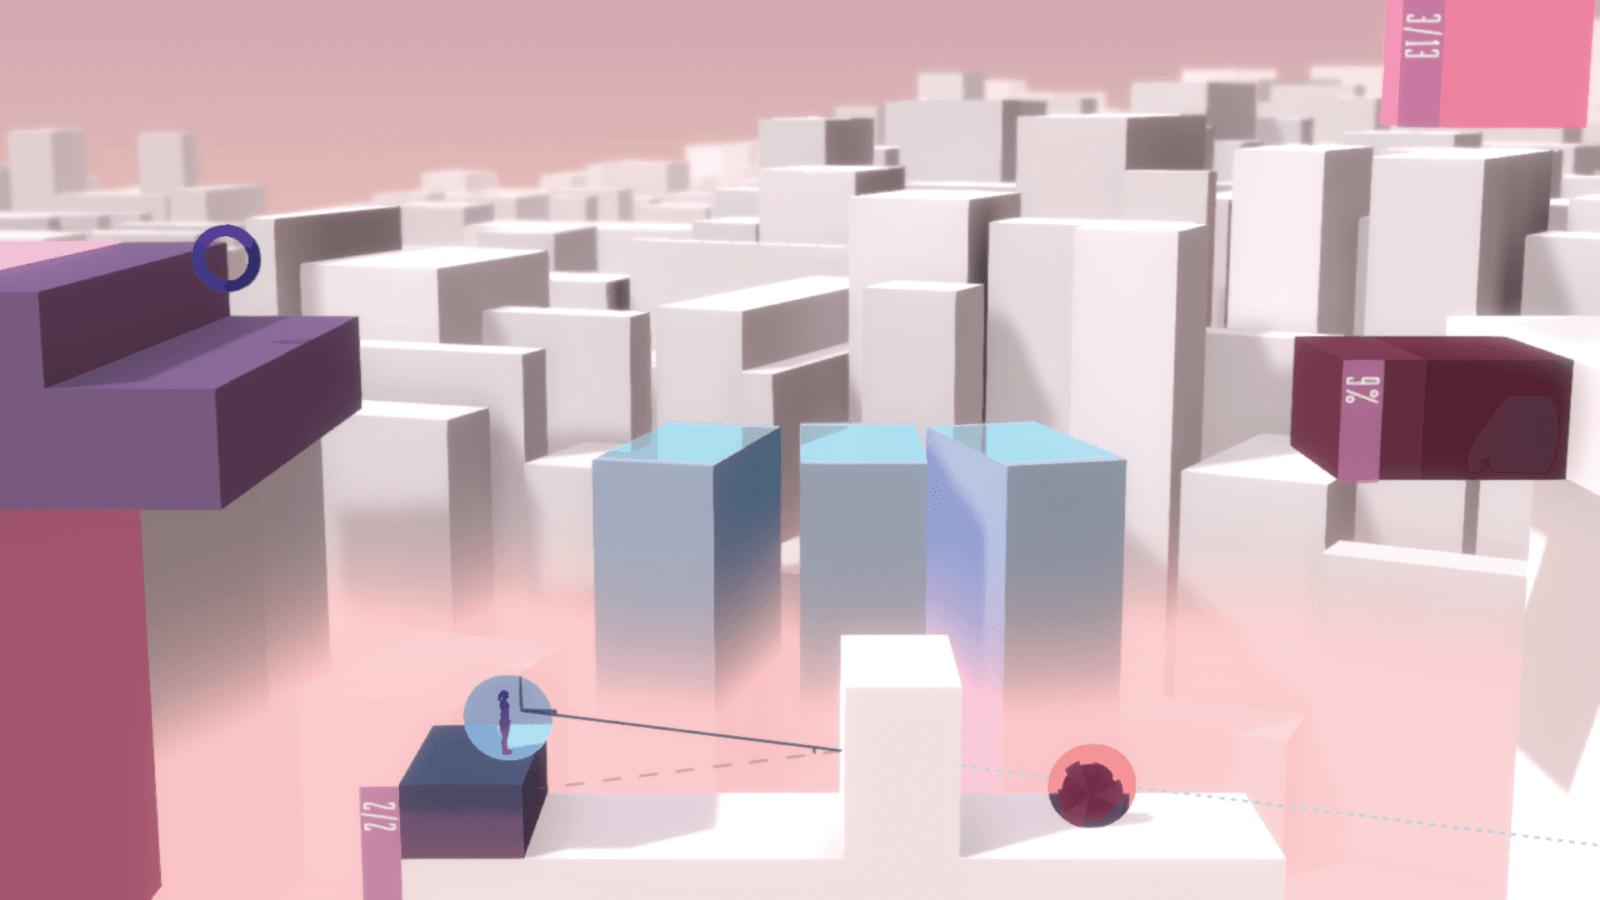 indigo.2015.metrico+.digitaldreams.ss (9)